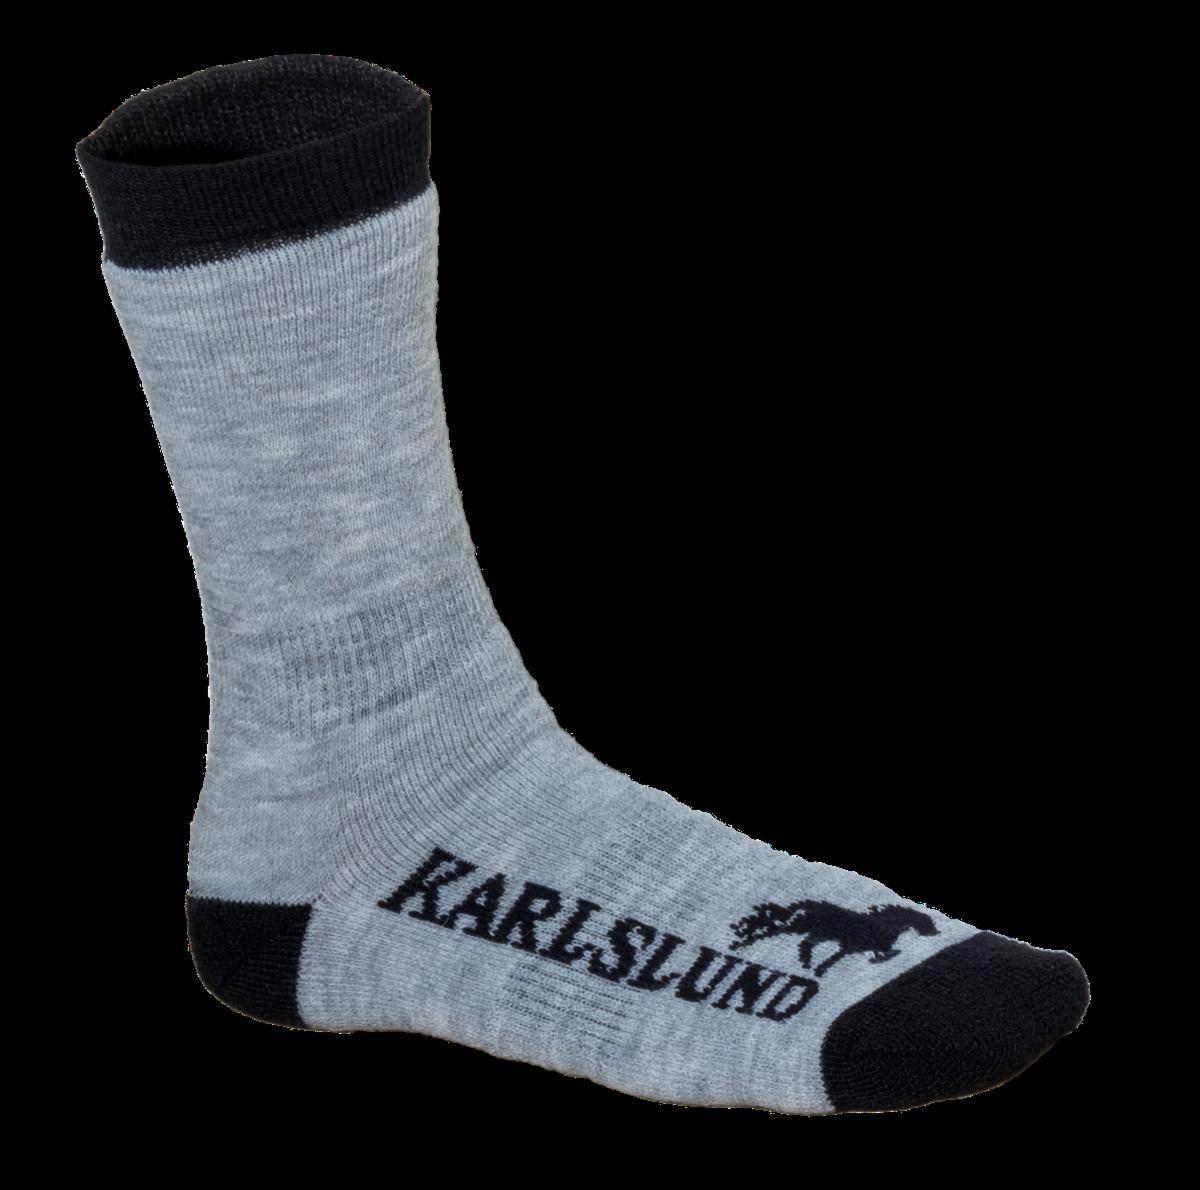 KARLSLUND Hverinn k5481